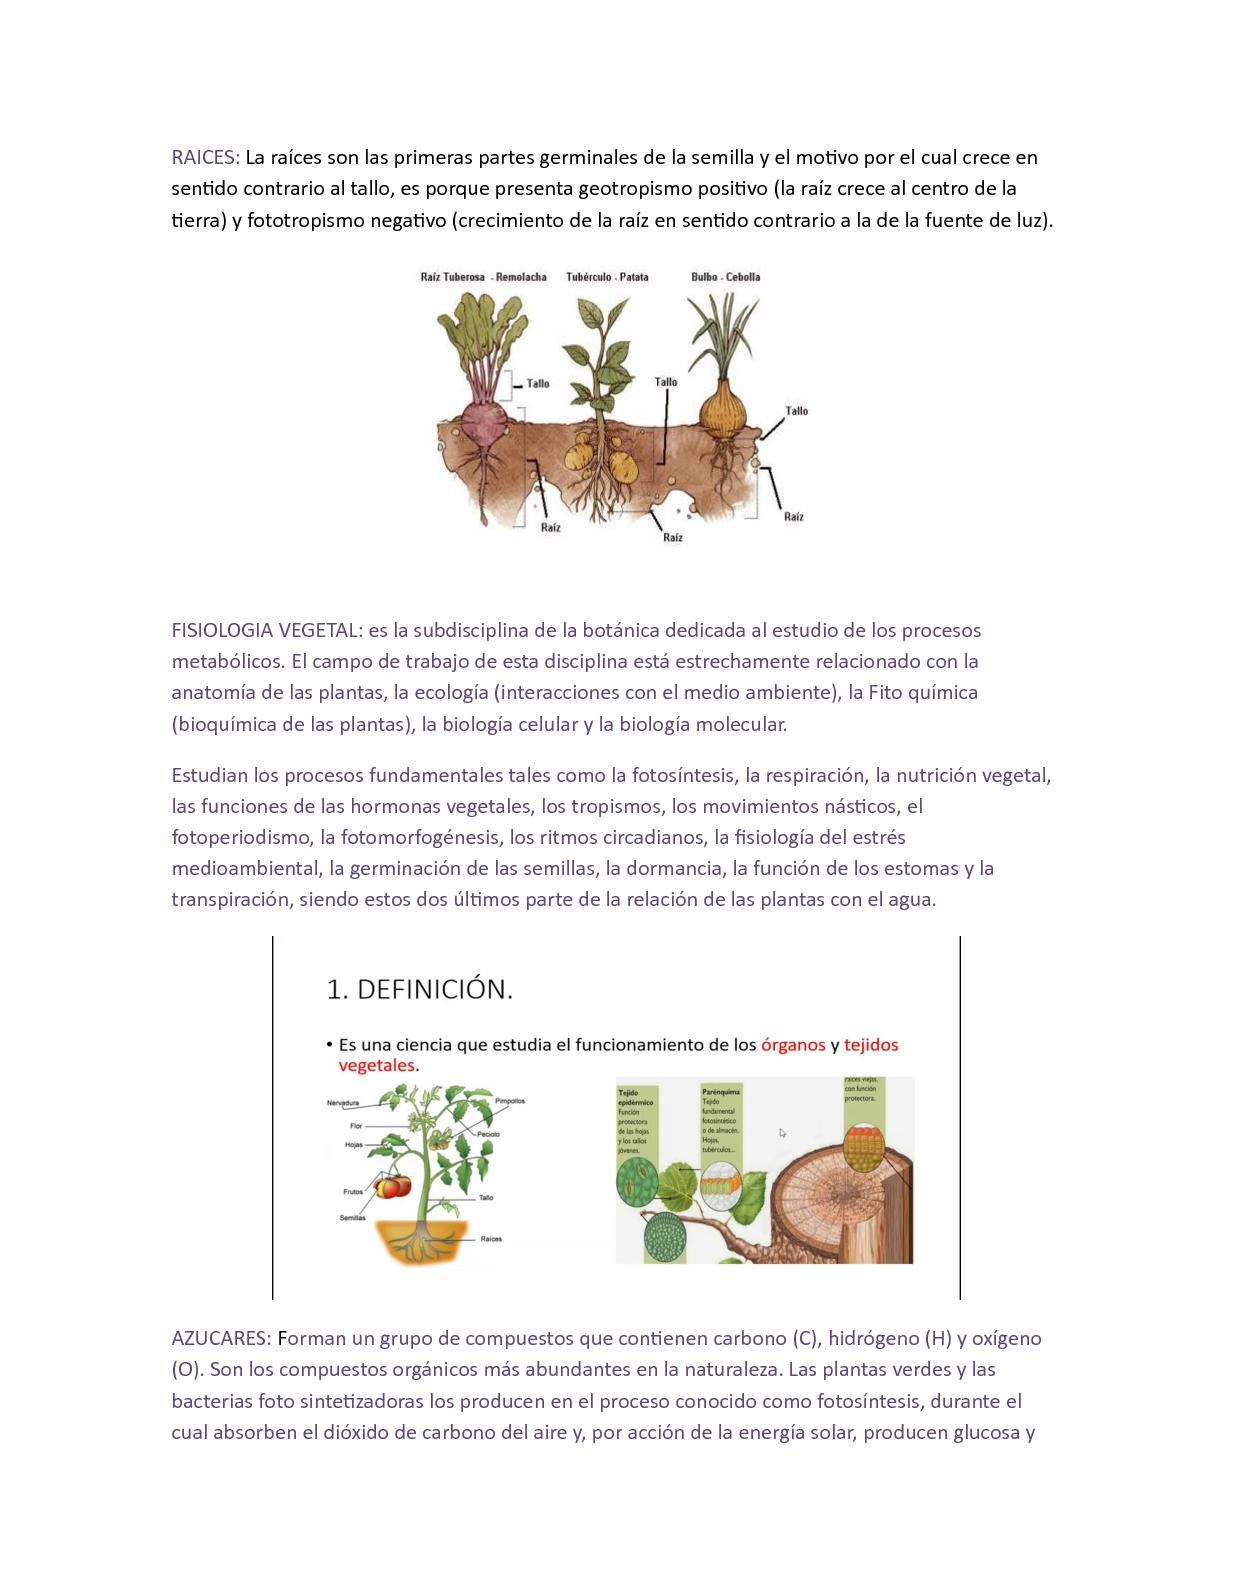 Asombroso Esaú Planta De La Anatomía Imagen - Anatomía de Las ...